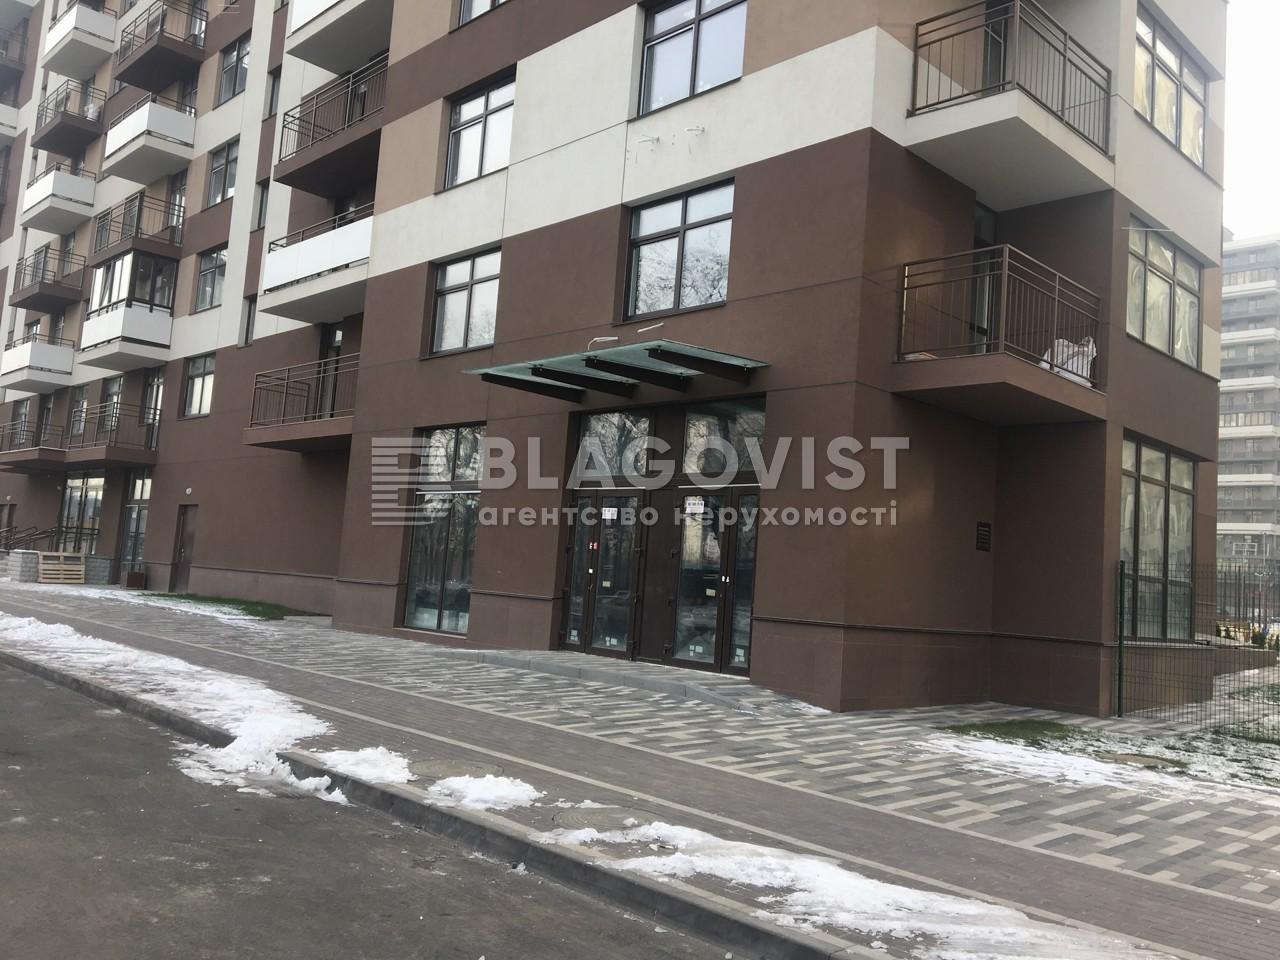 Нежитлове приміщення, H-41724, Правди просп., Київ - Фото 1